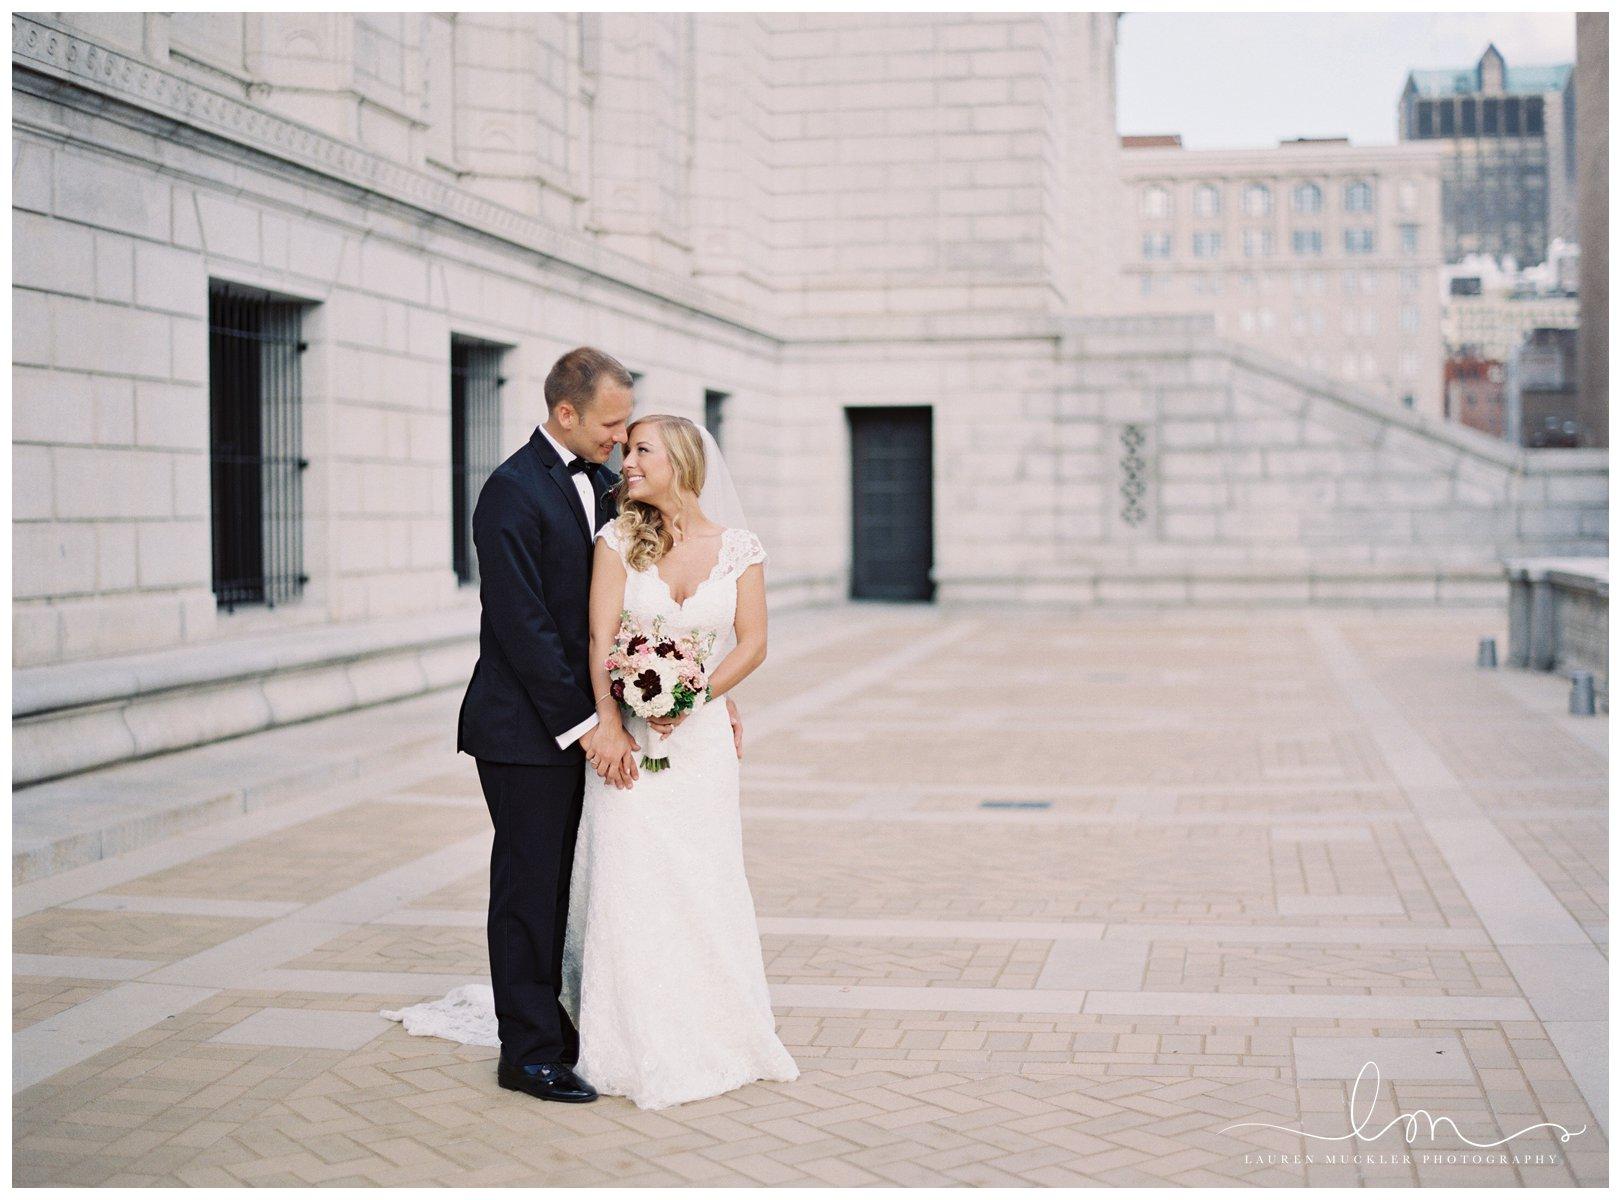 lauren muckler photography_fine art film wedding photography_st louis_photography_0822.jpg